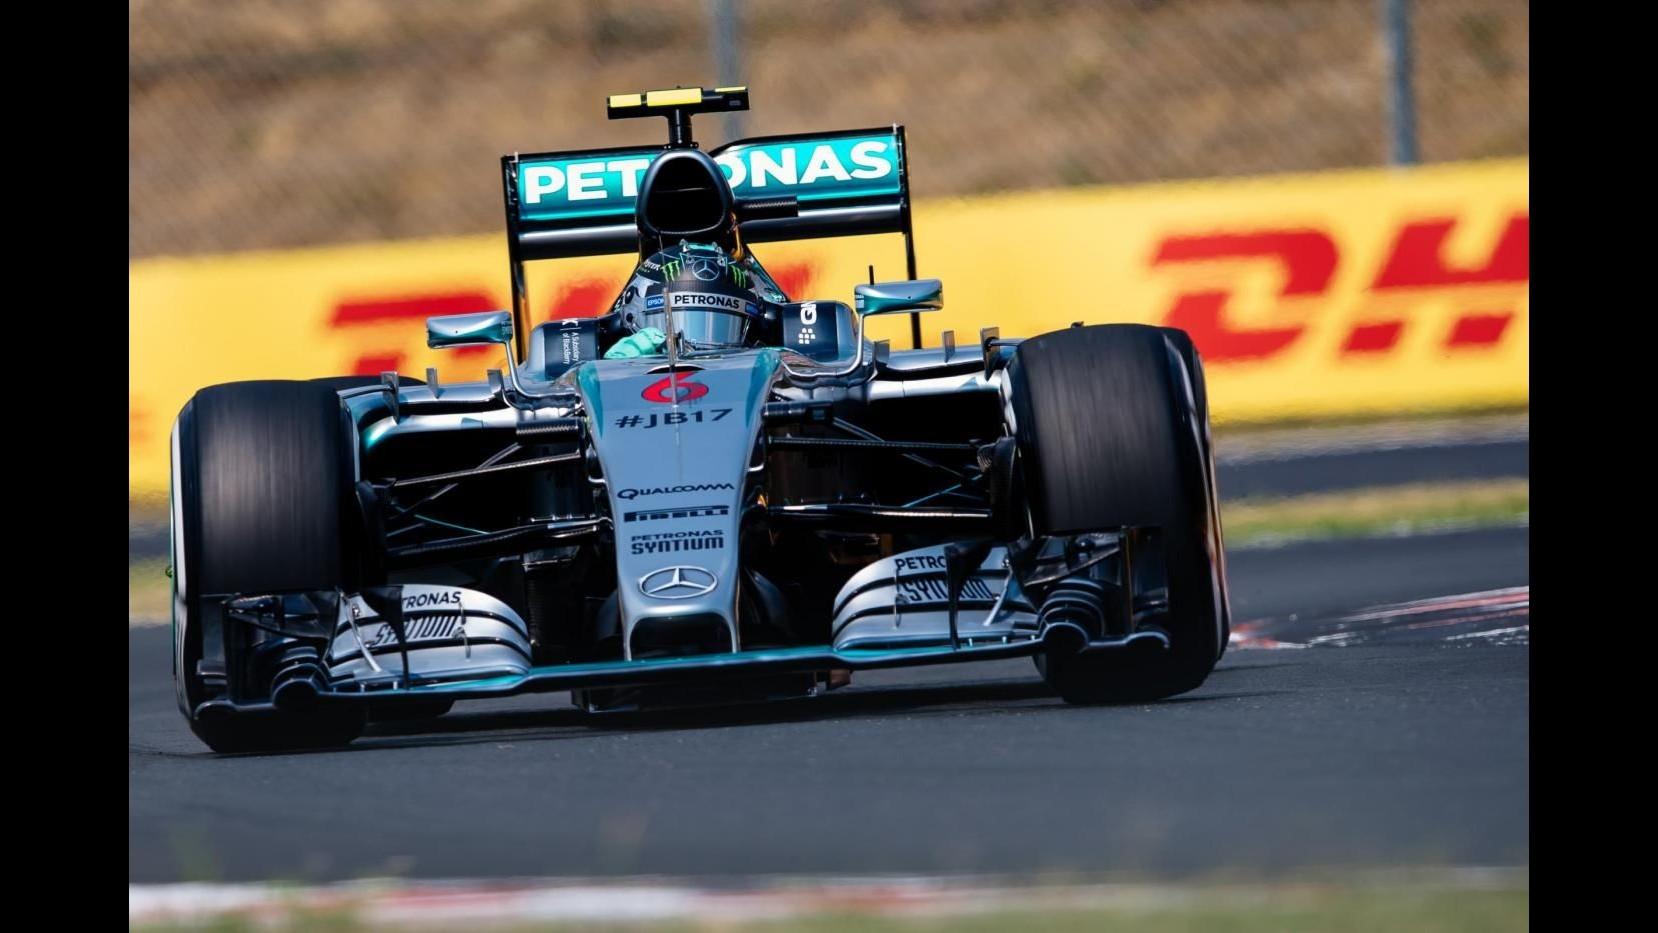 F1, Gp Ungheria: ordine di arrivo e classifiche del mondiale